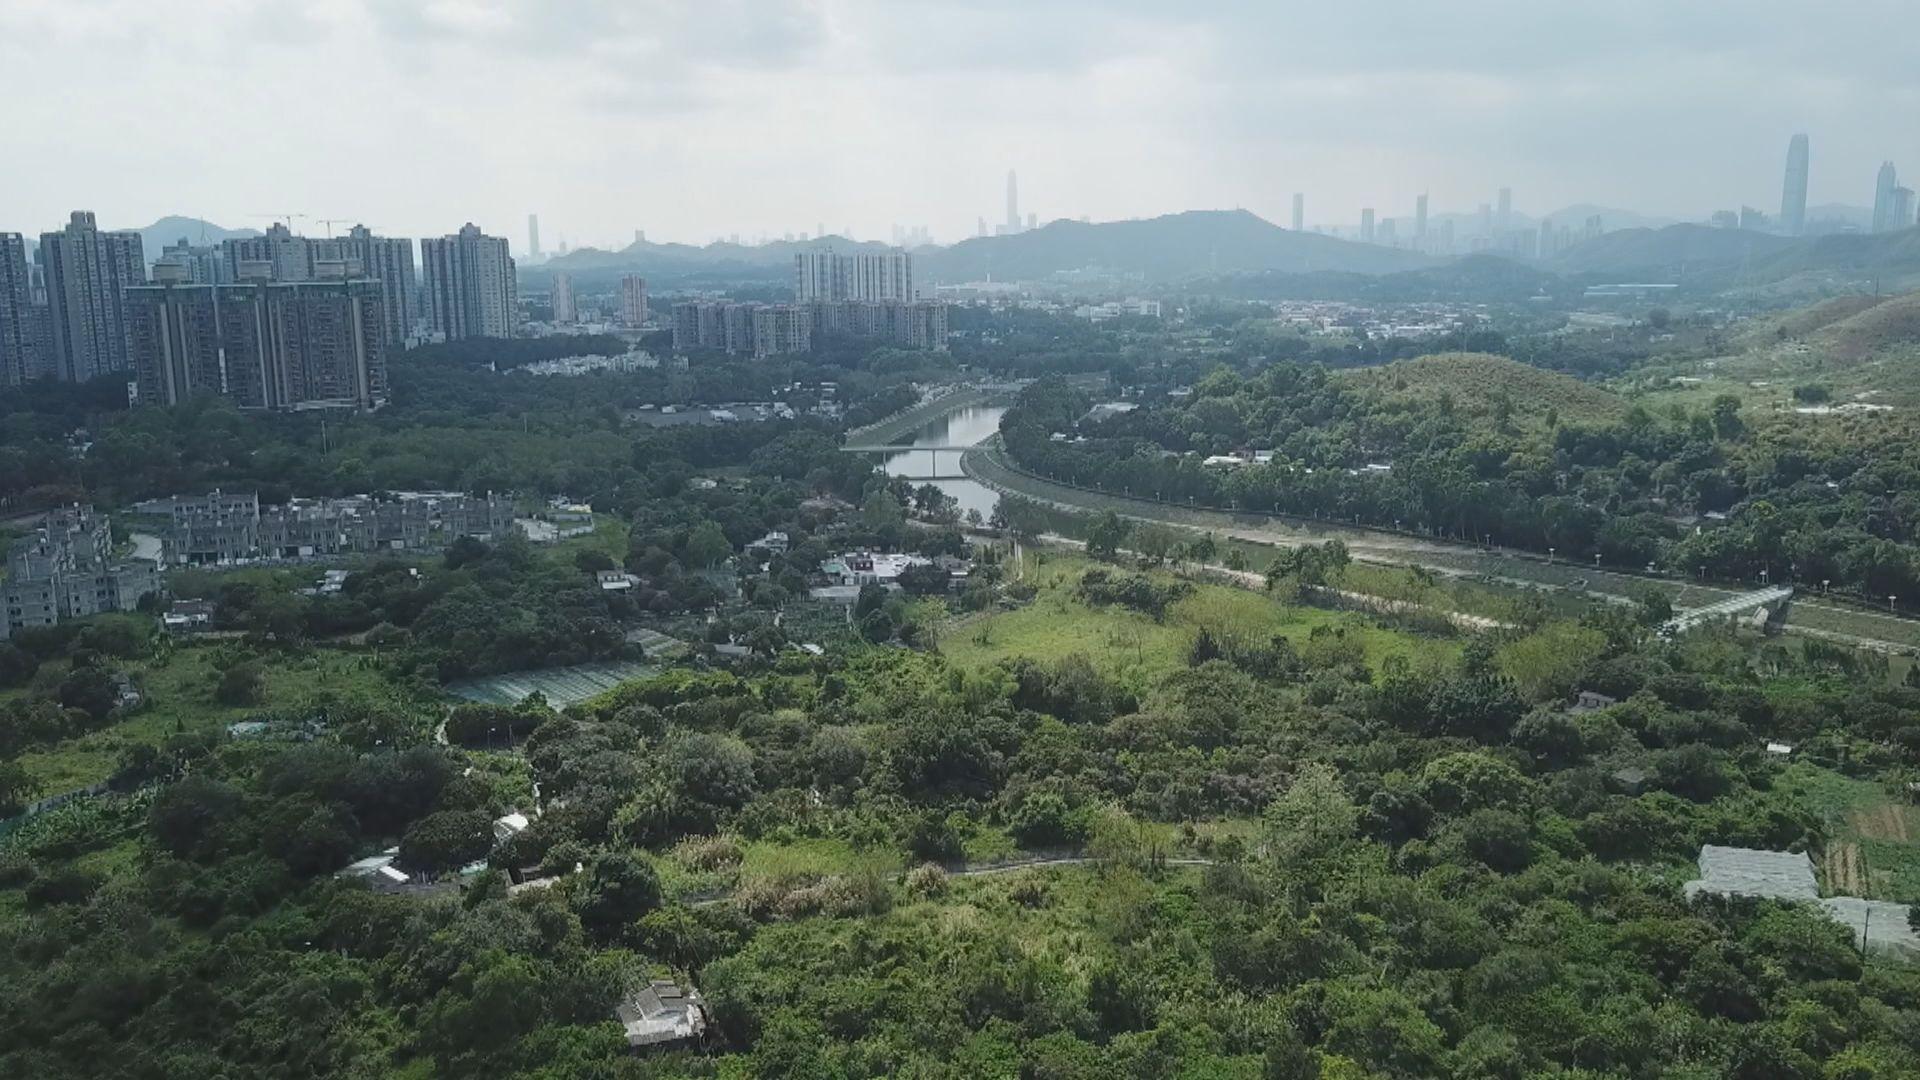 土地供應小組商最終報告 發展棕地支持高